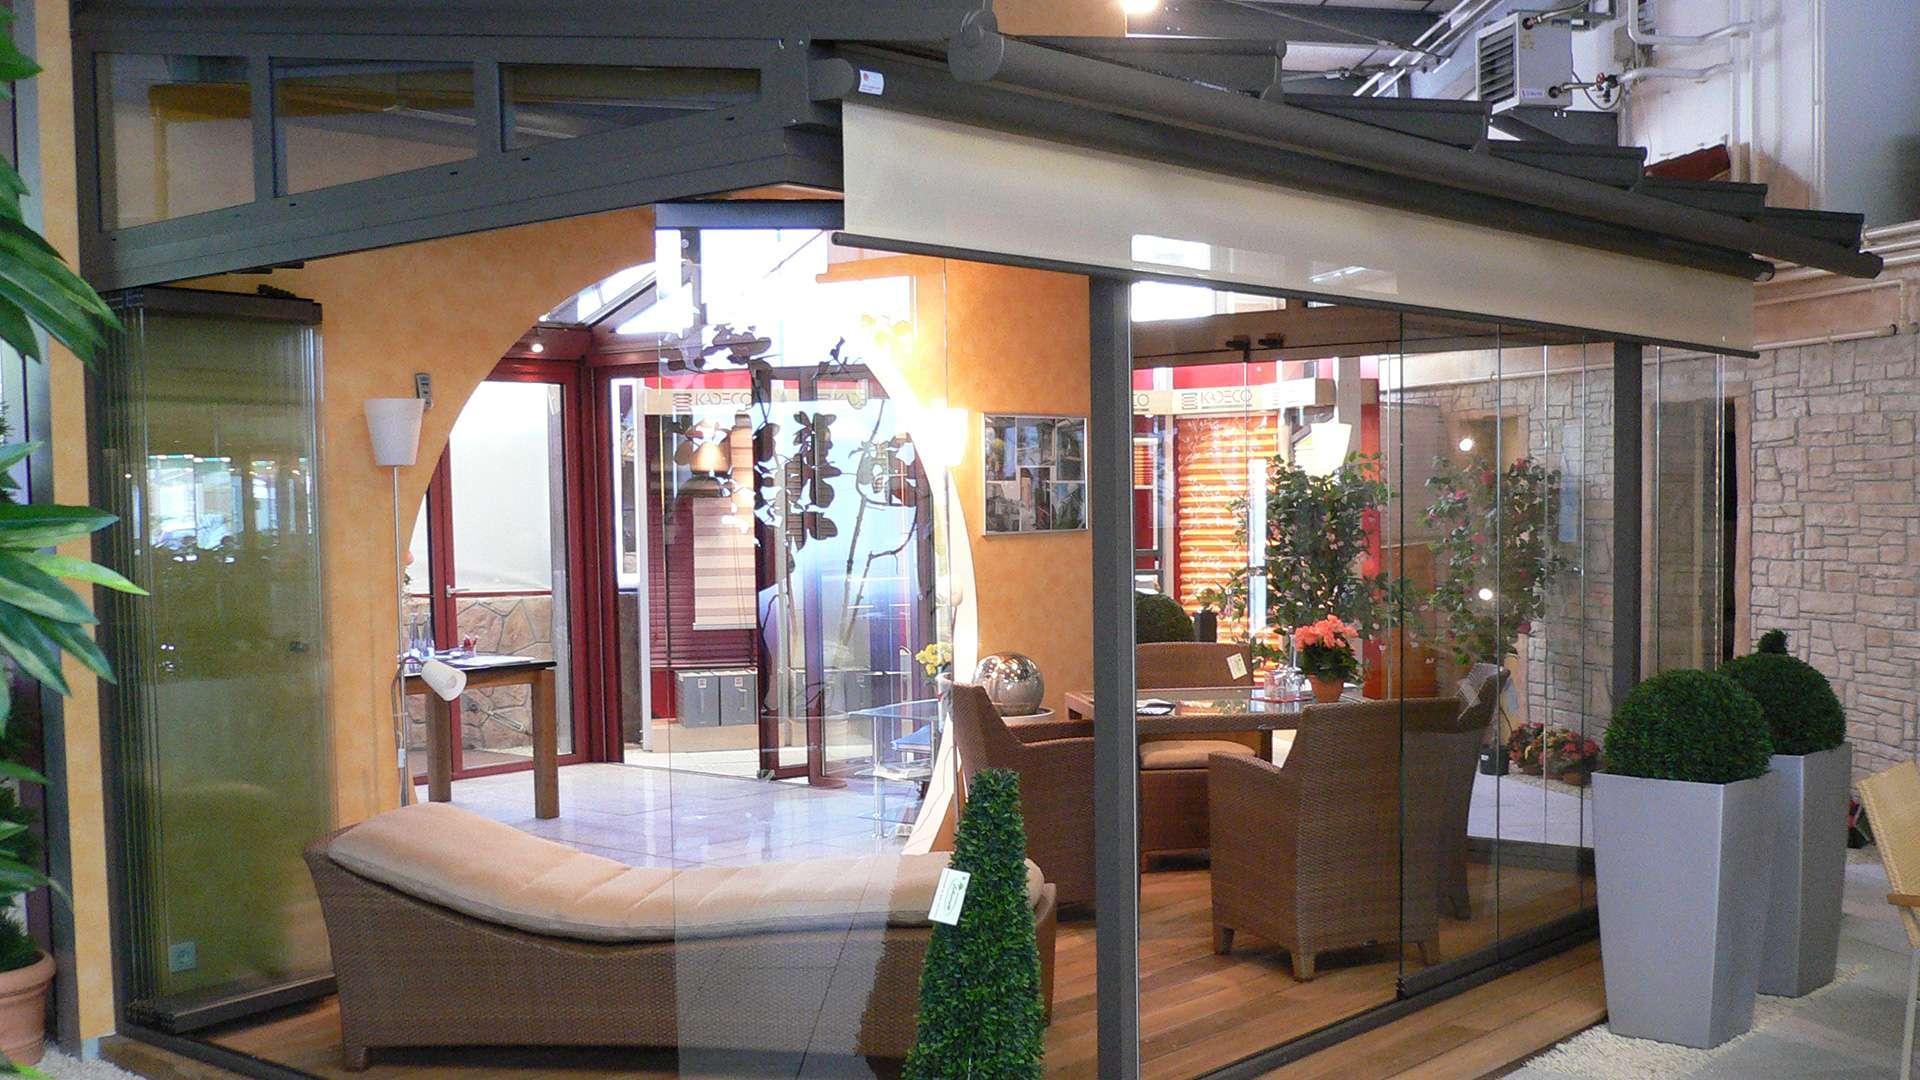 Glashaus in der Ausstellung von Boller in Binzen